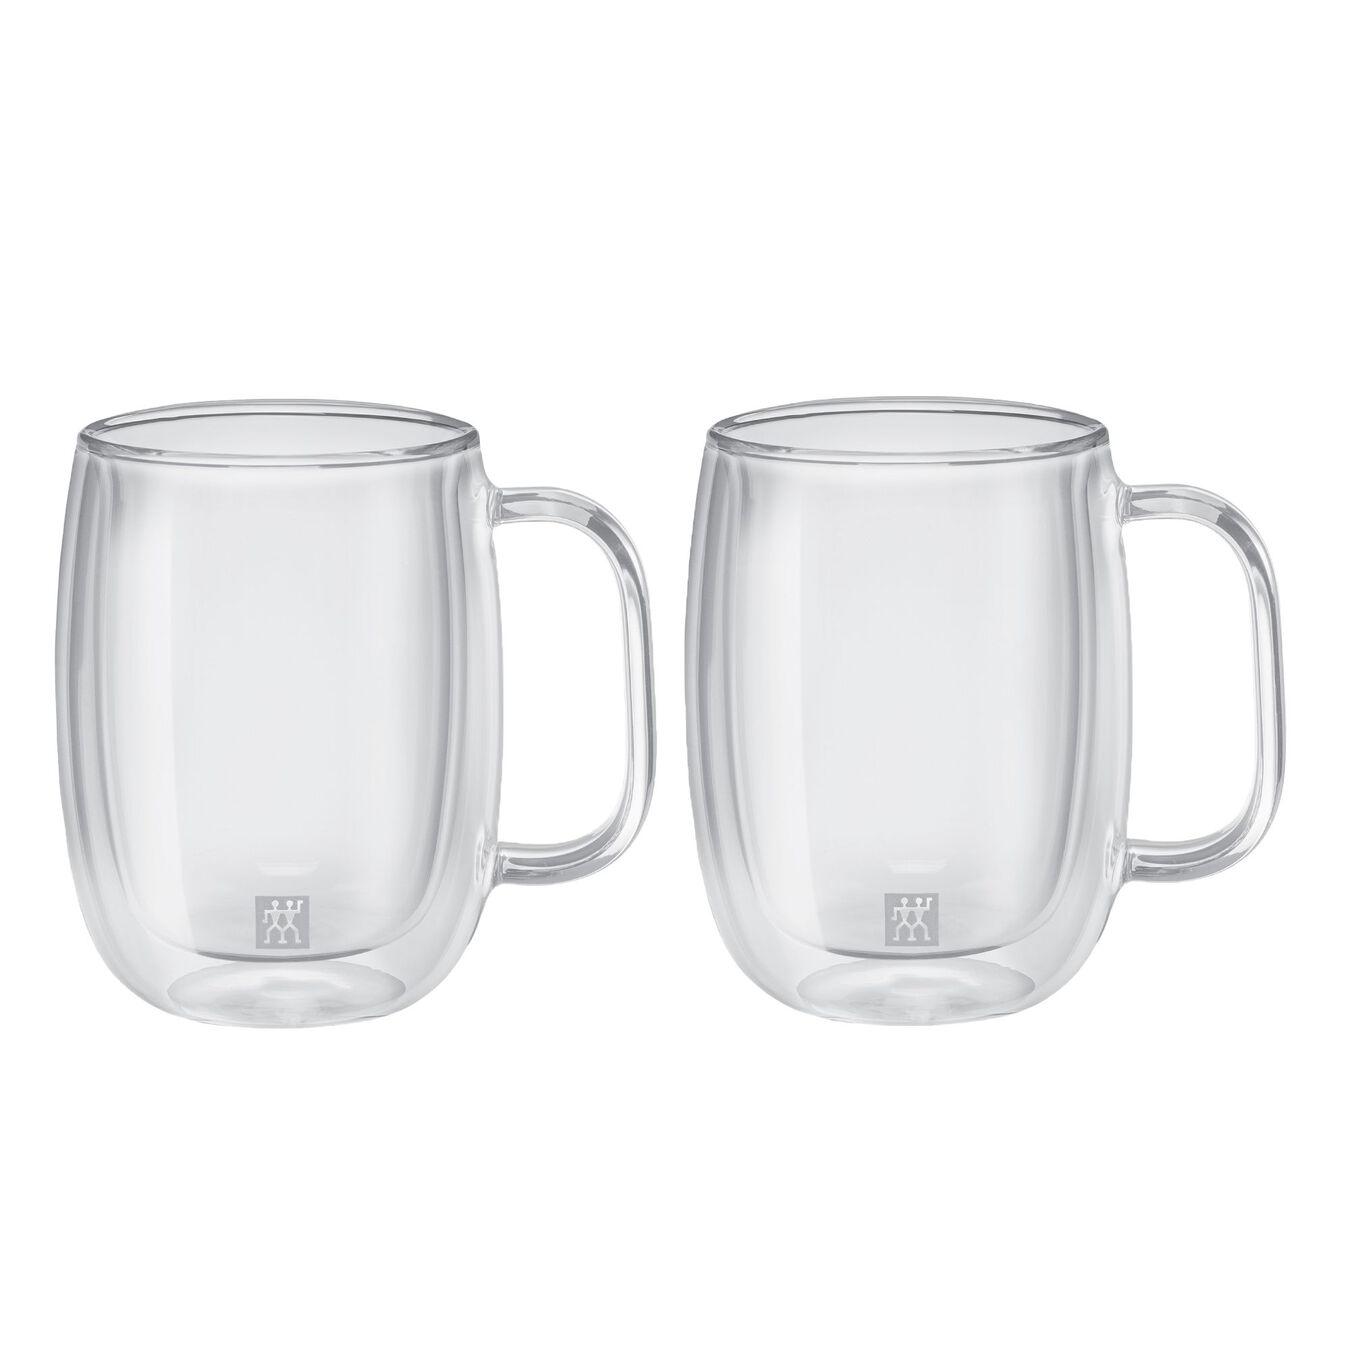 Çift Camlı Kulplu Kahve bardağı seti | Borosilikat Cam | 2-parça,,large 4